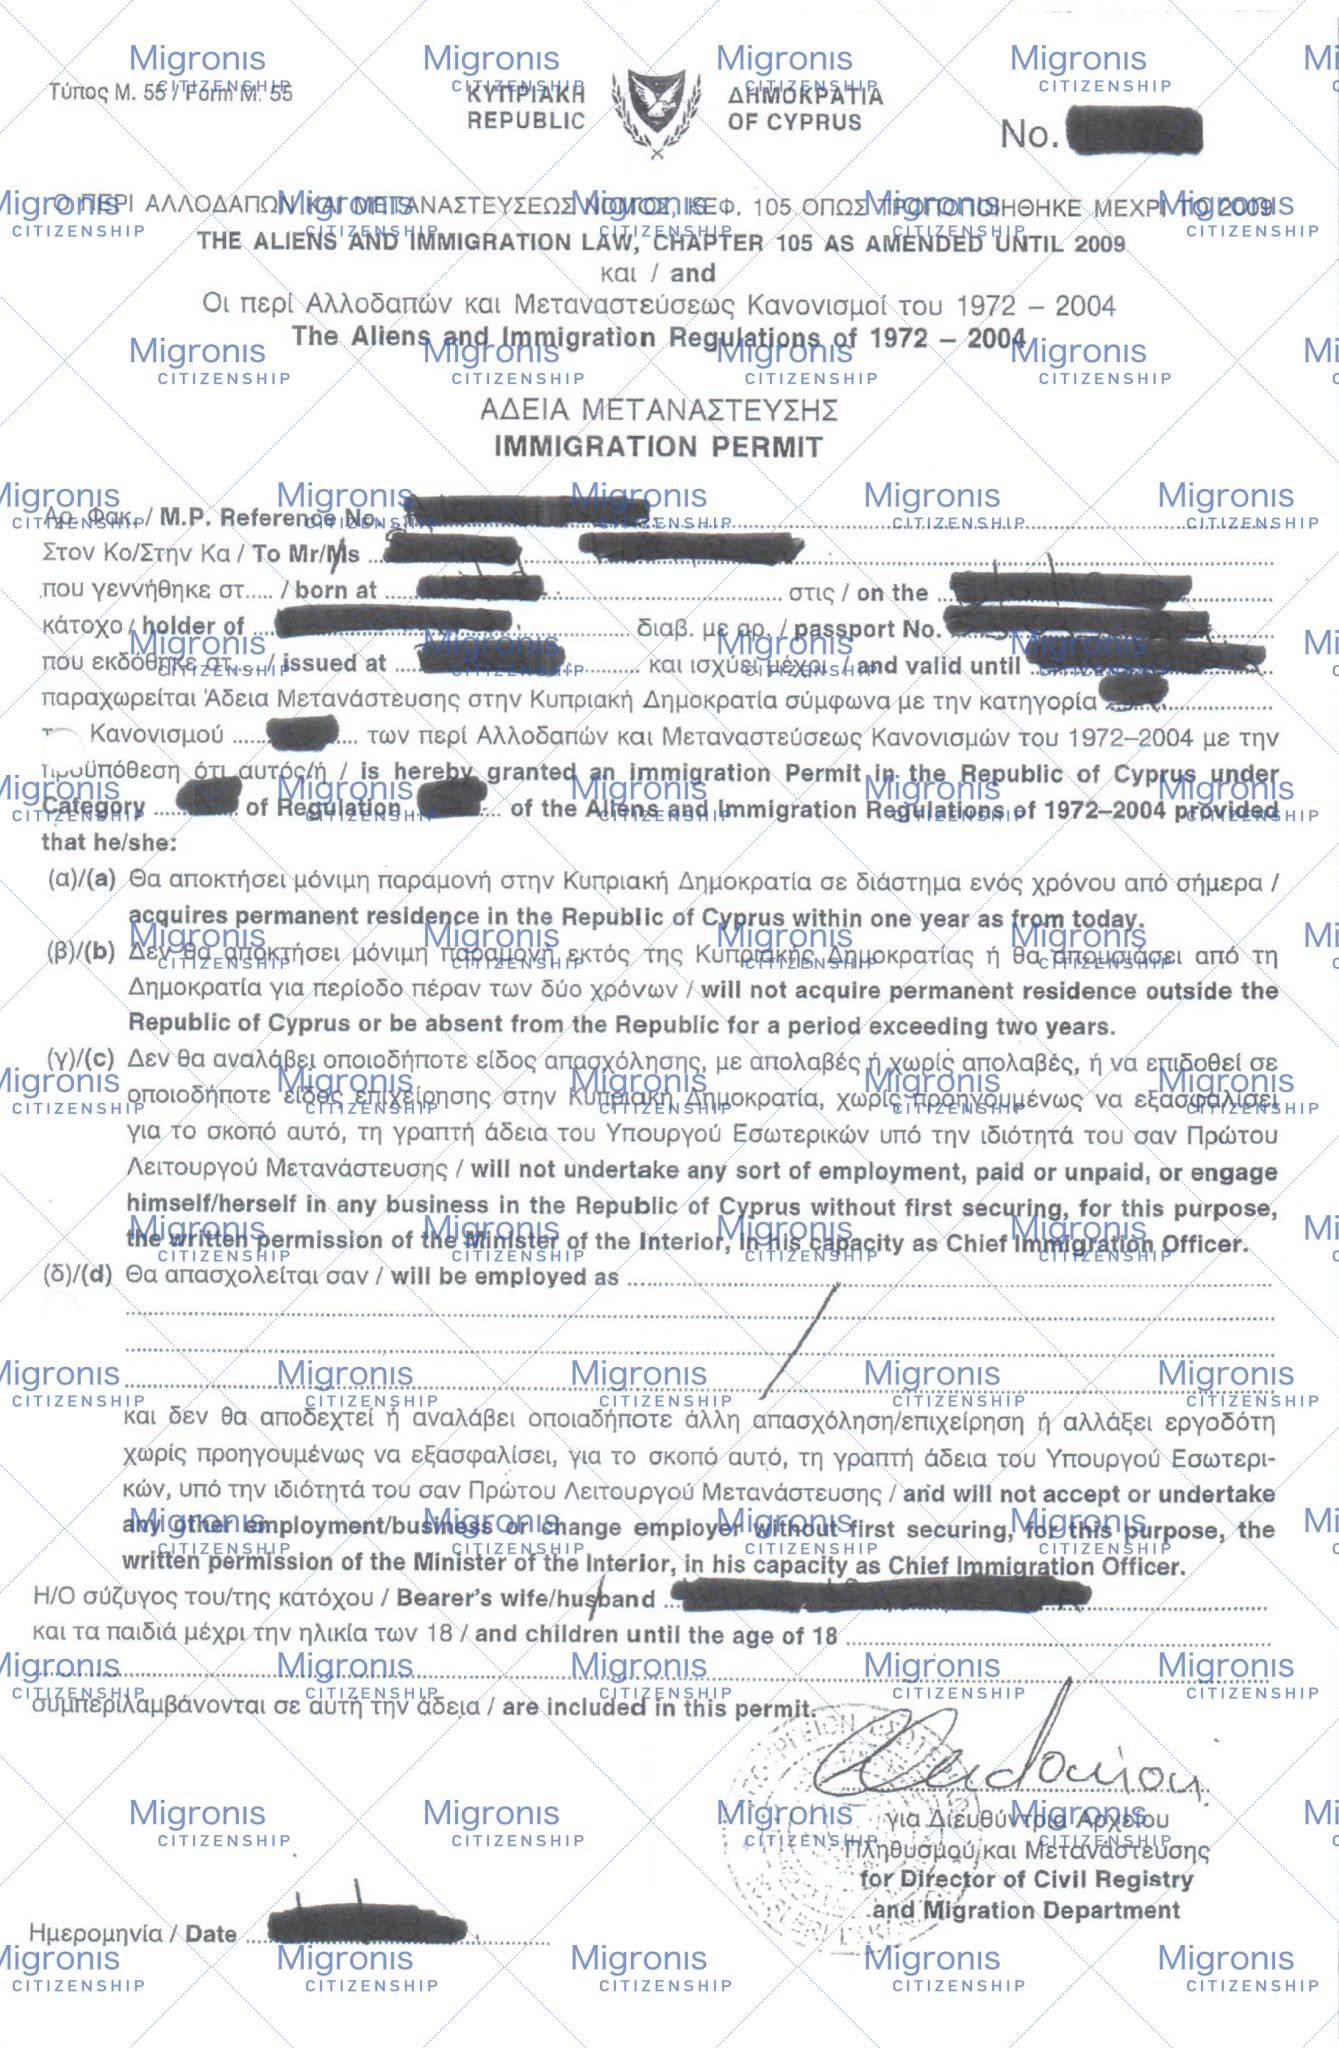 Подробный гид по получению гражданства   Migronis